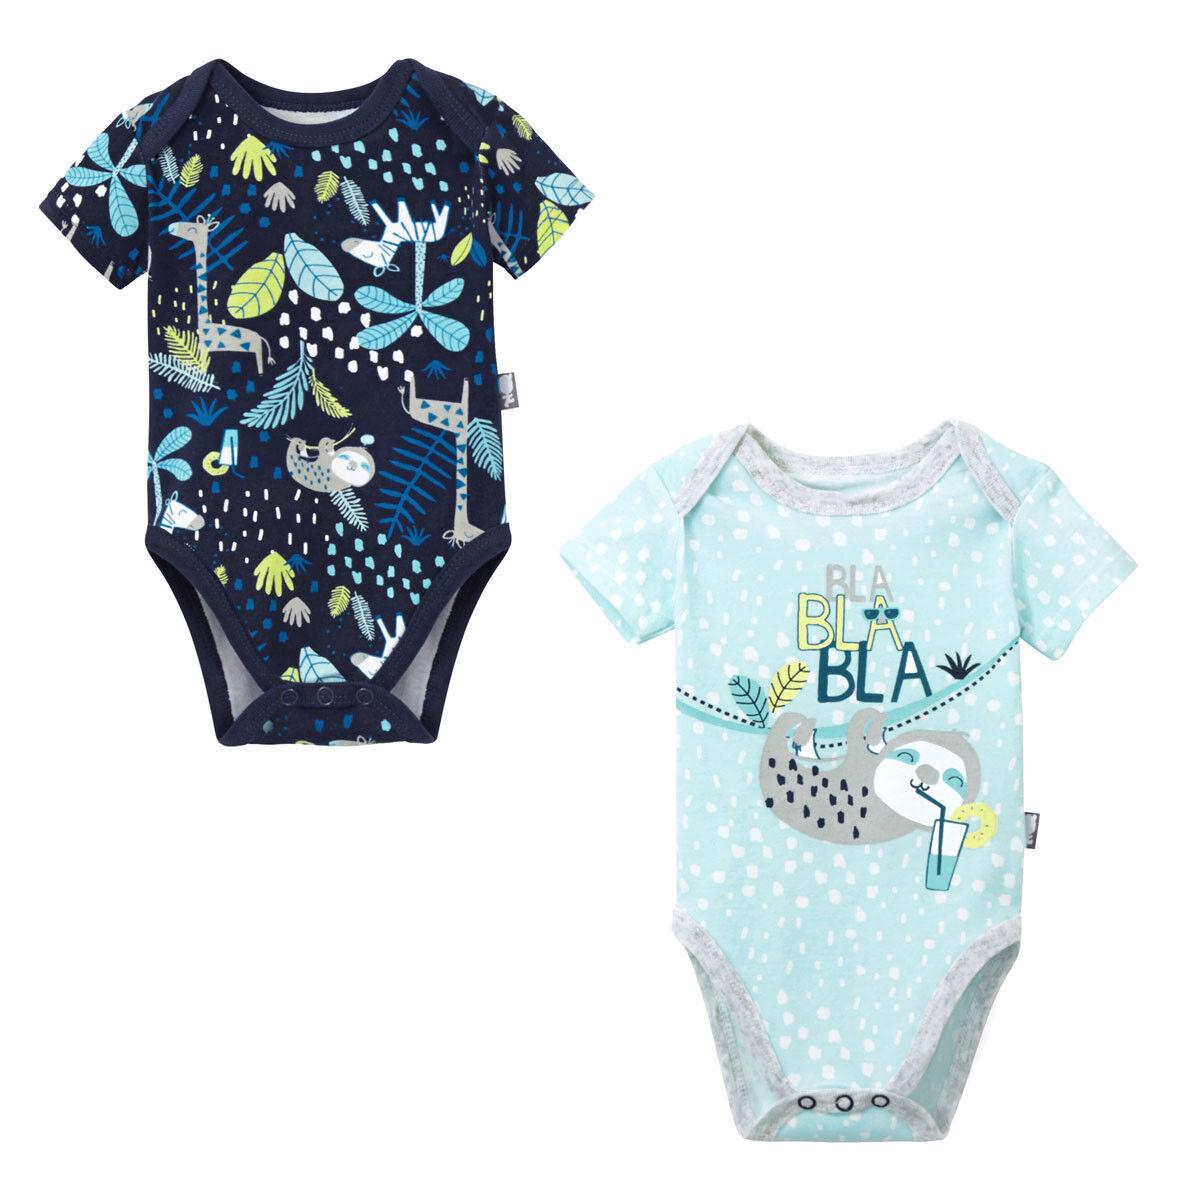 Petit Béguin Lot de 2 bodies bébé garçon manches courtes Pampa - Taille - 36 mois